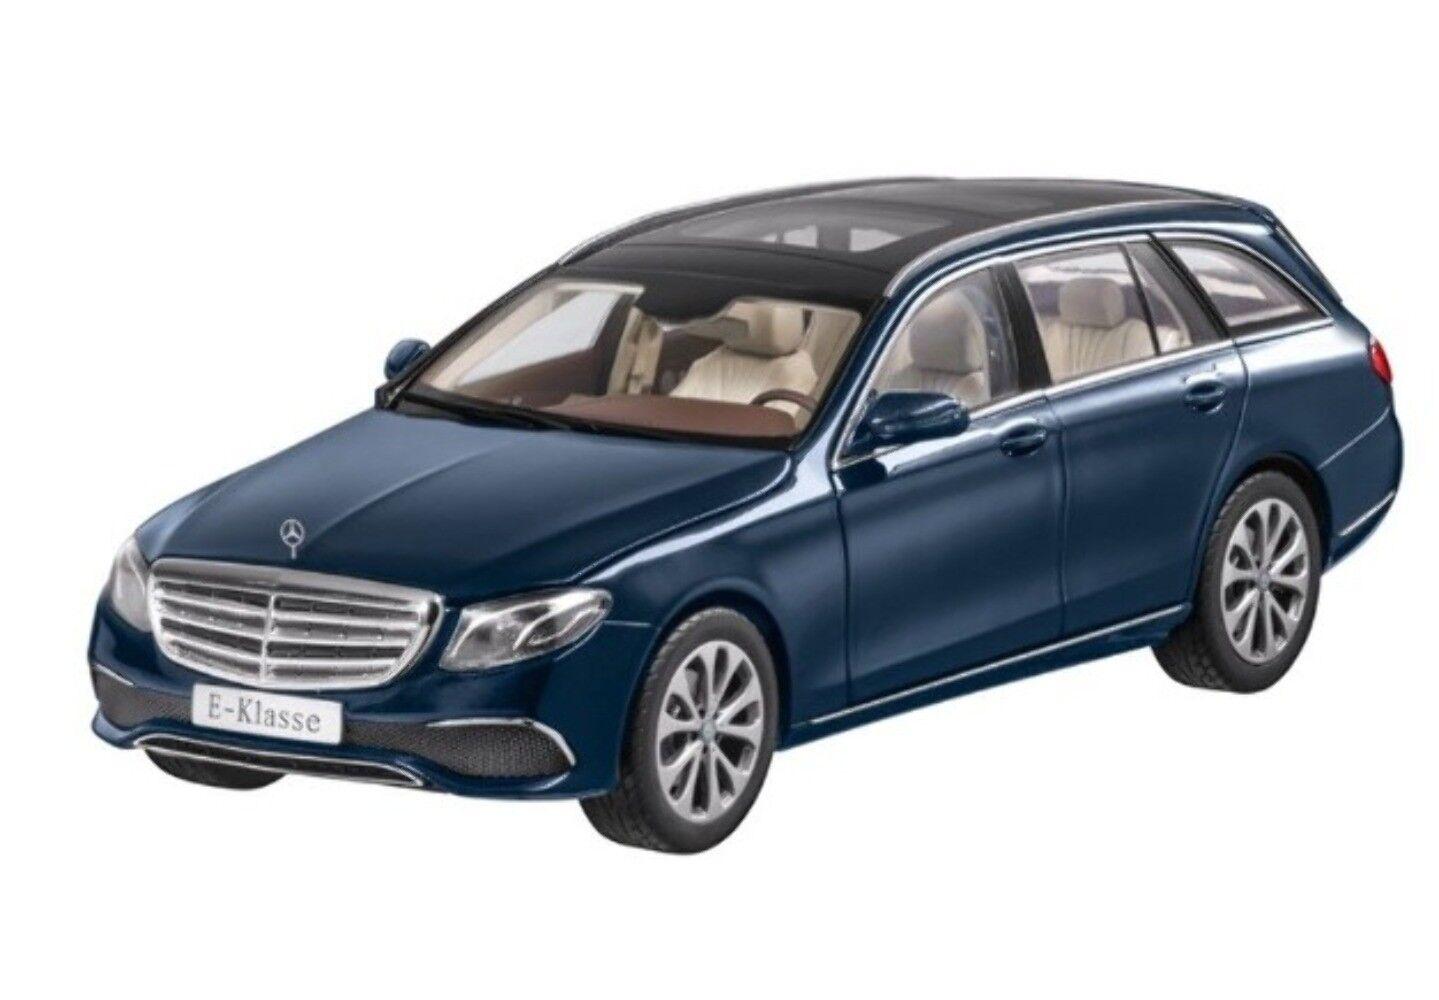 mejor oferta Mercedes Benz Clase S 213 E Modelo Modelo Modelo T \  exclusivo \  Azul 1 18 Nuevo OVP  alta calidad general